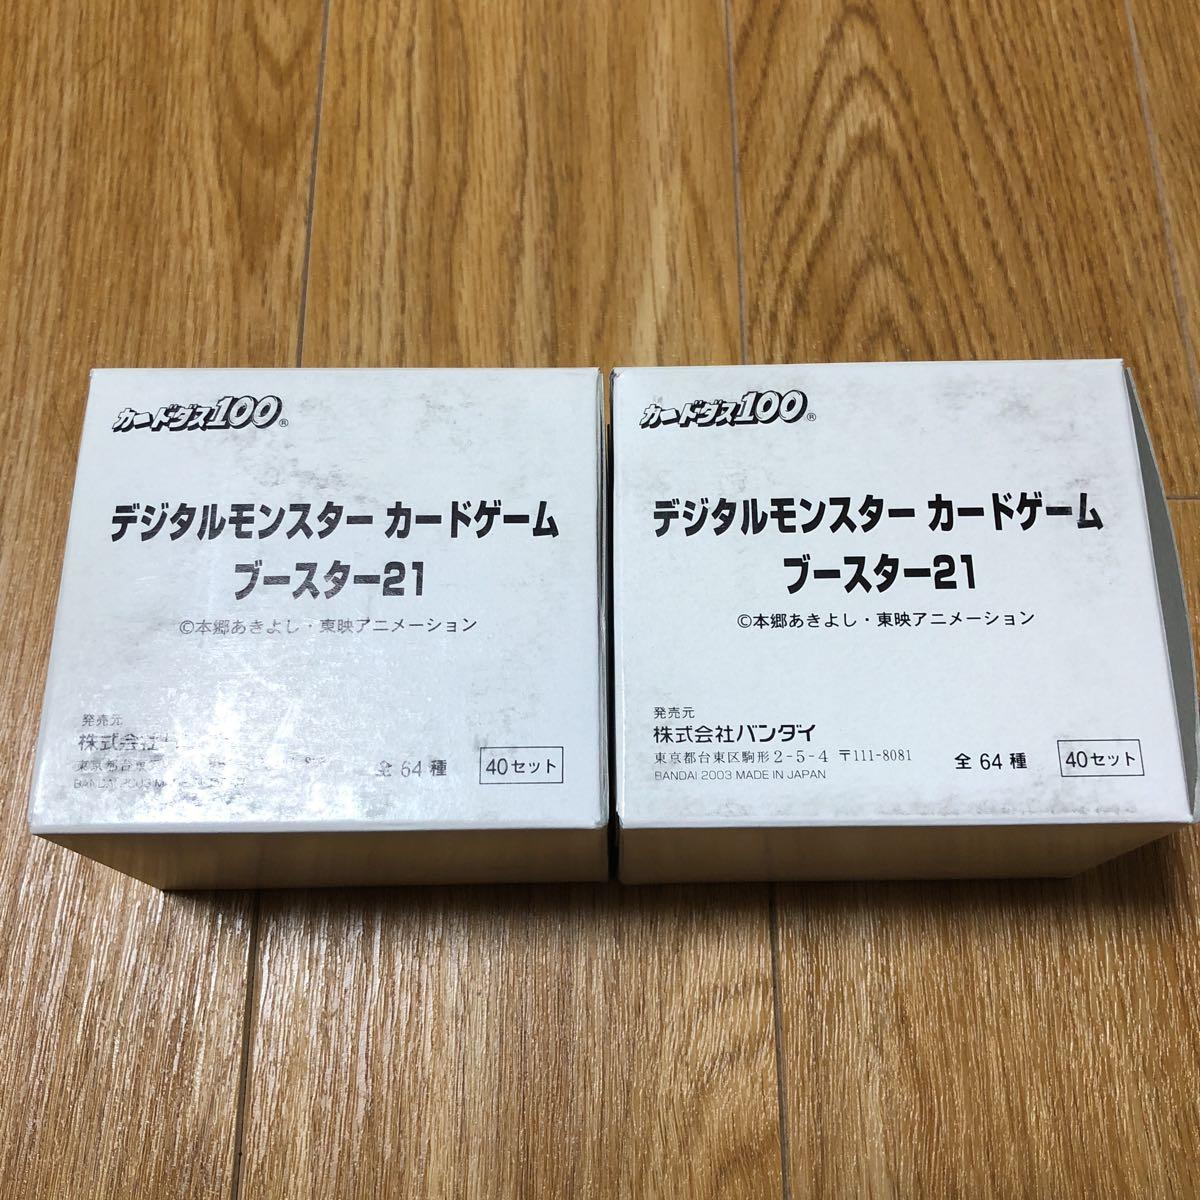 デジモンカード 未使用 ブースター21 2003年 デジタルモンスター カードゲーム 40セット×2box 新品_画像2